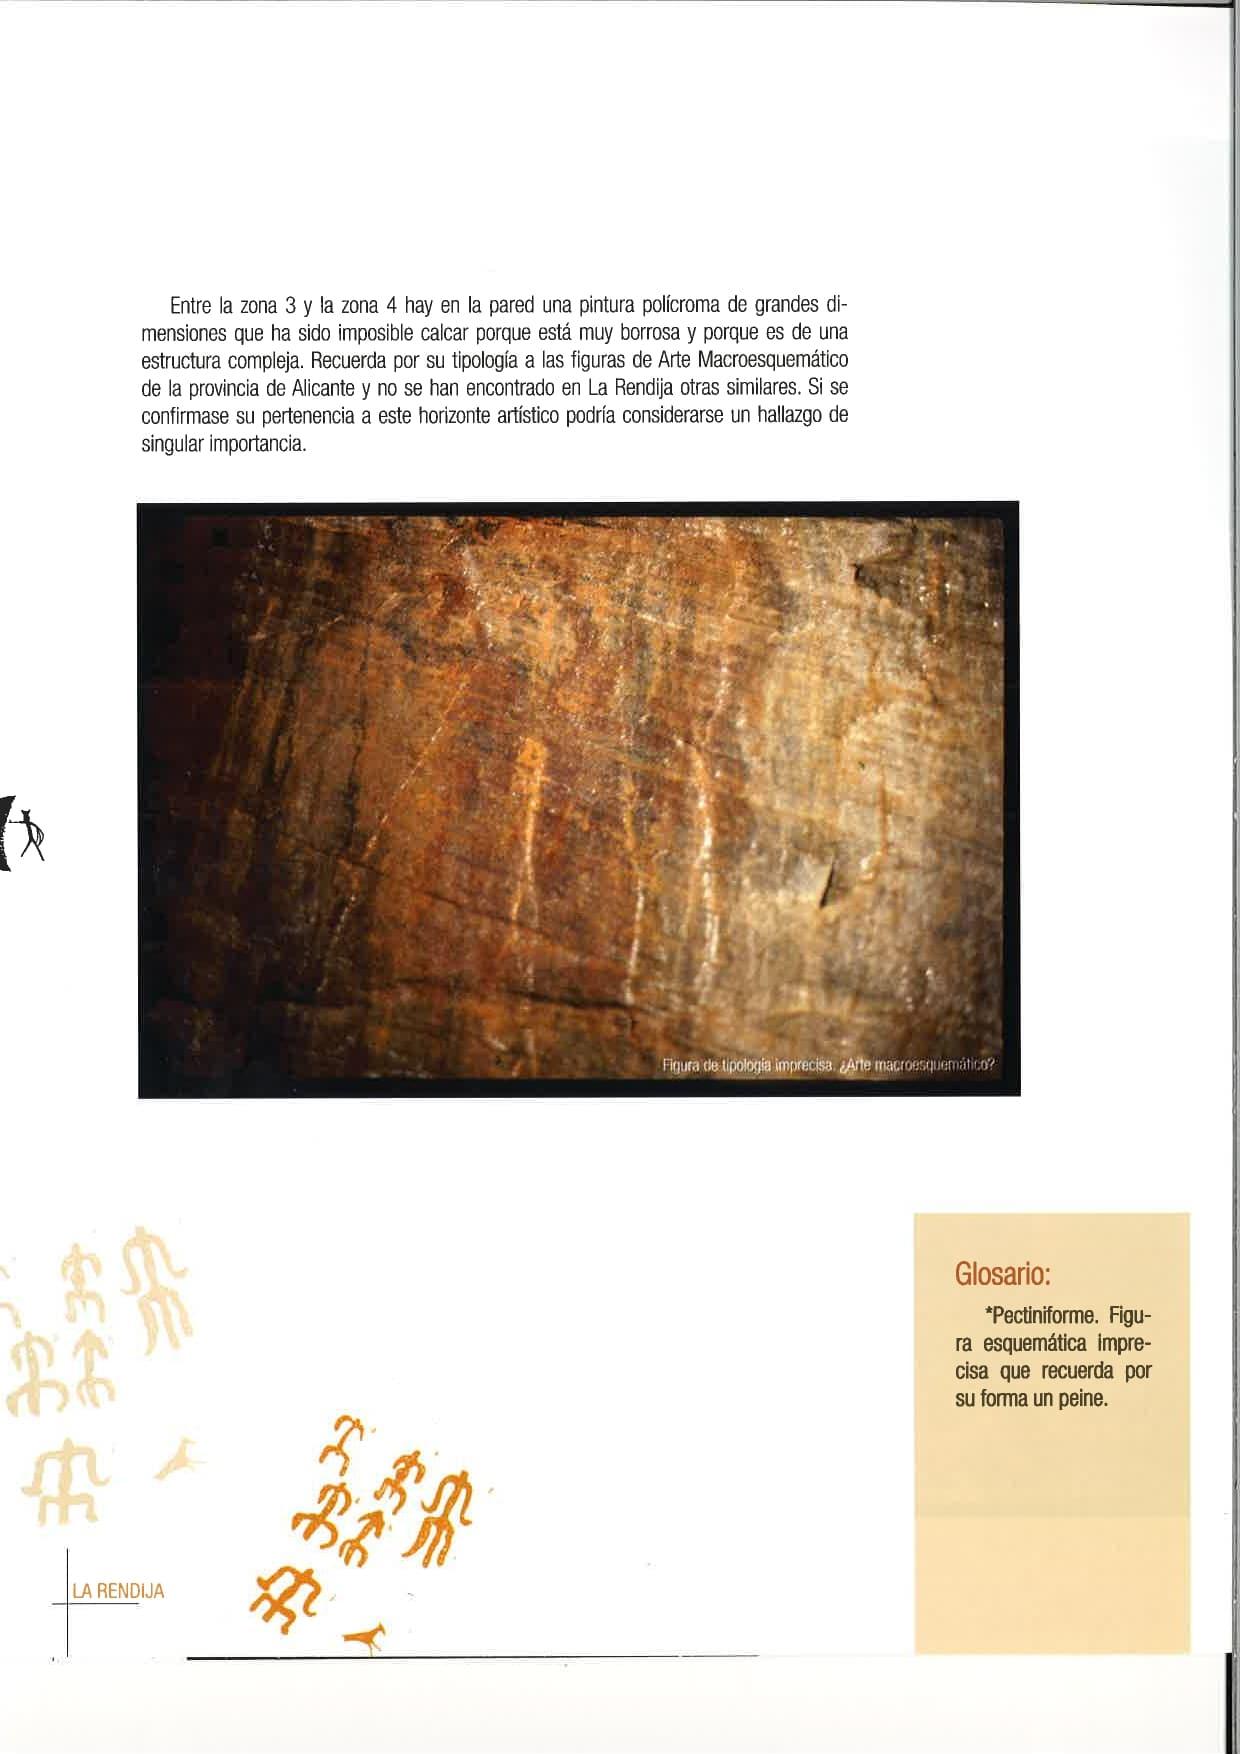 """Herencia celebró el Día Europeo del Arte Rupestre con """"La Rendija"""" 68"""